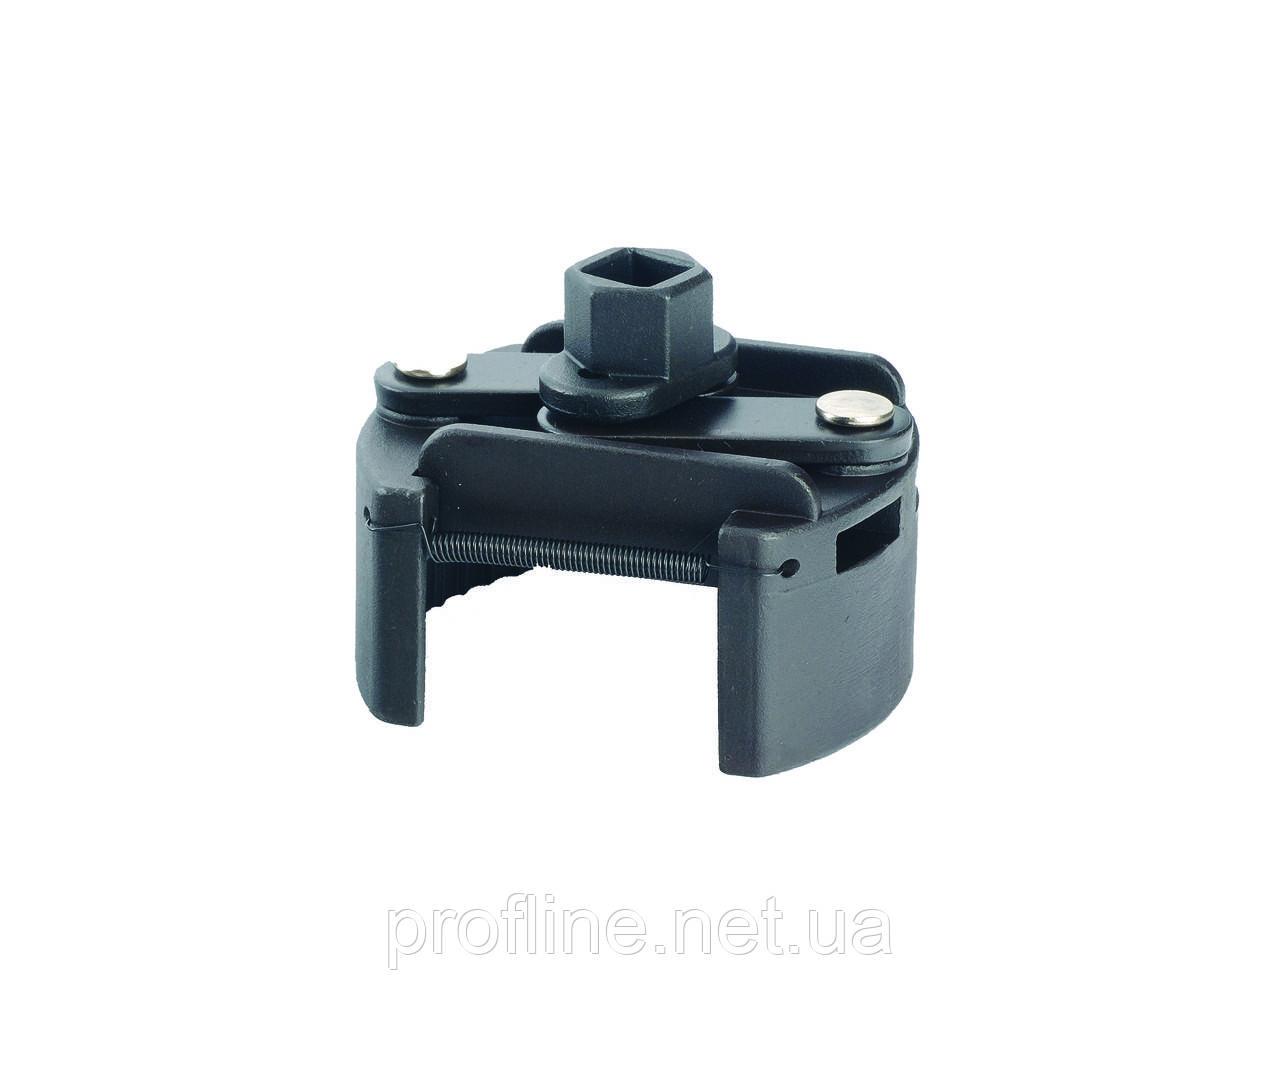 Съемник масляного фильтра самозажимной (двухпозиционный) 80-120 мм Force 9B0703A F